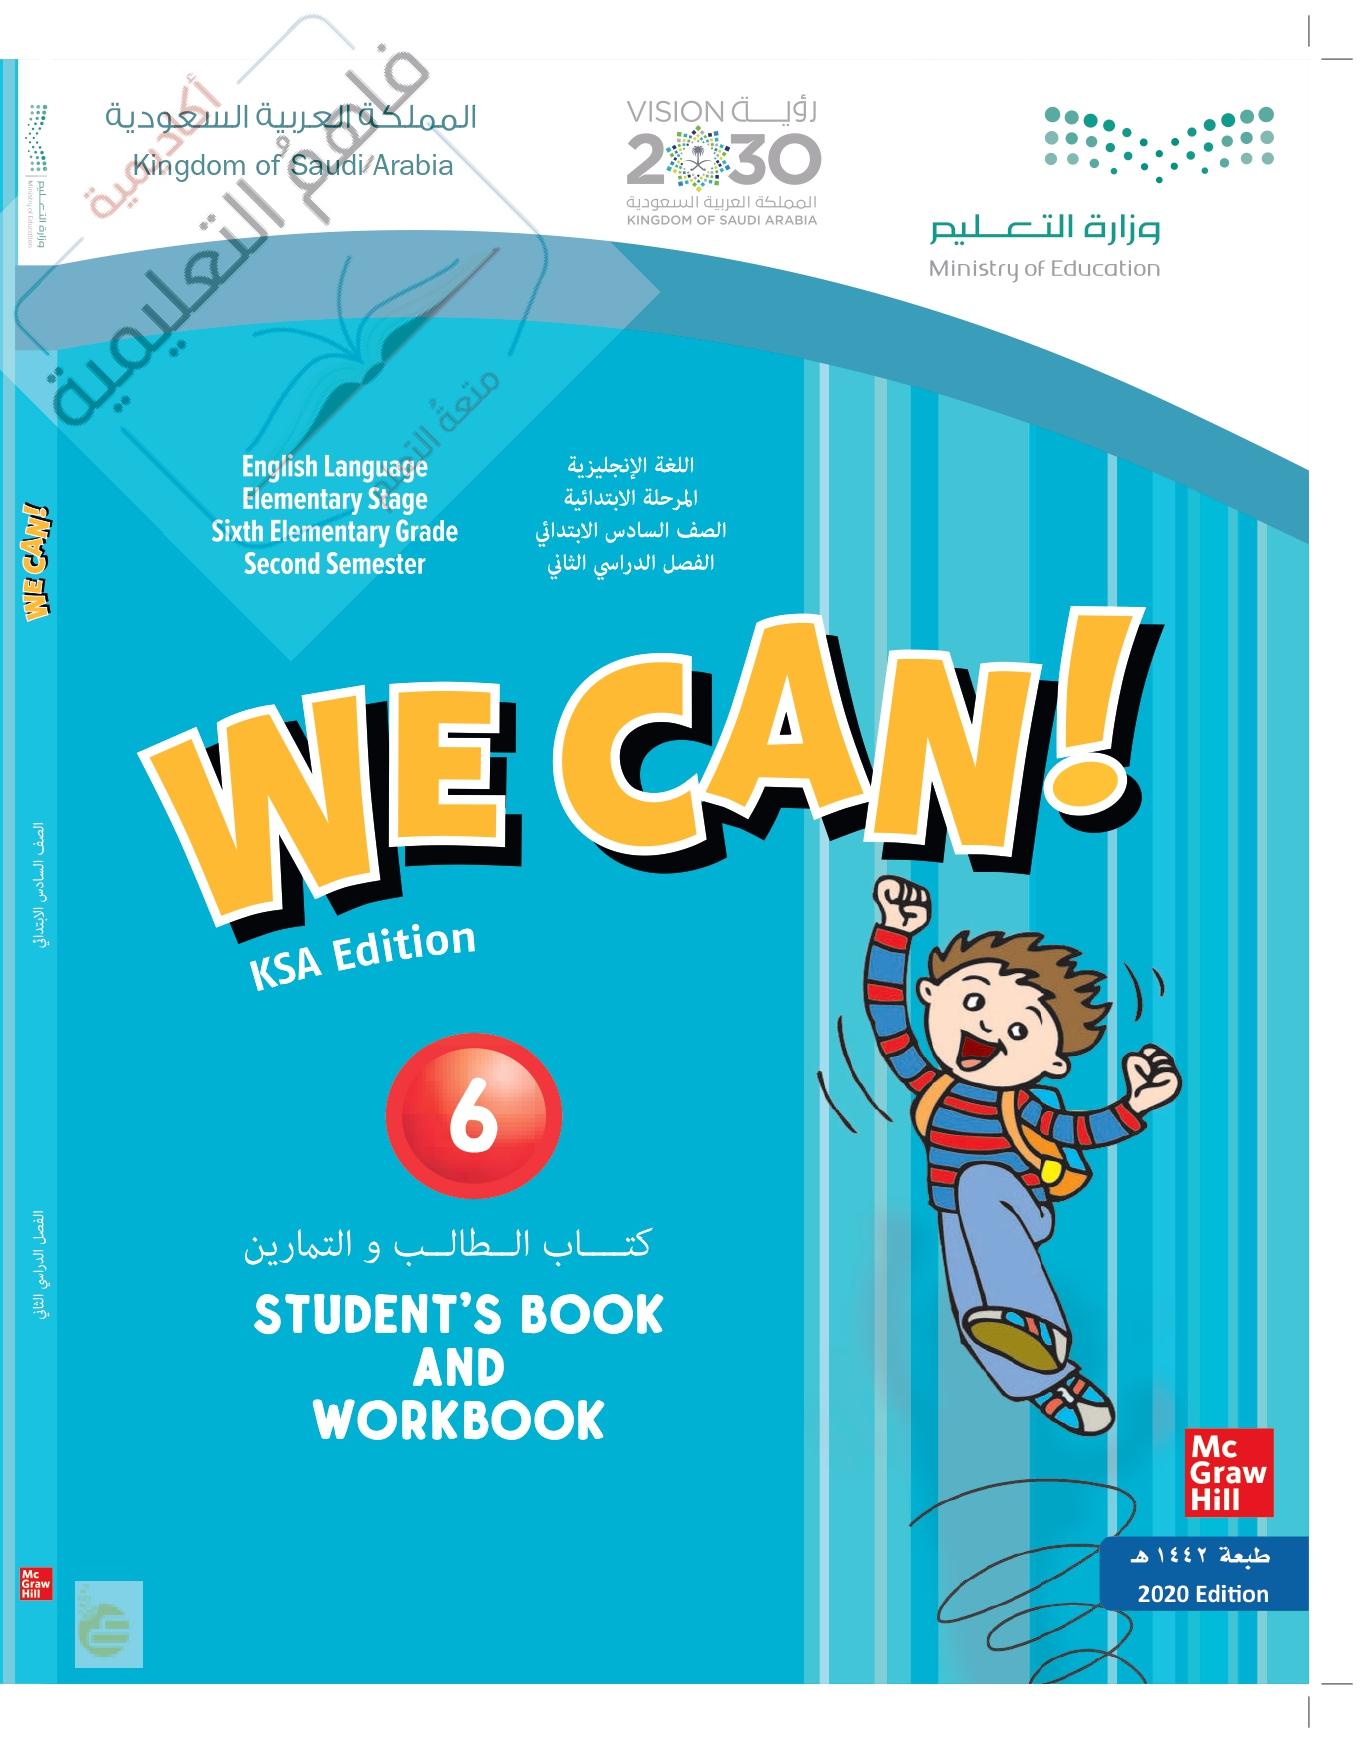 حل أسئلة الوحدة 1 – انجليزي الصف السادس – we can 6 – صفحة 2-9